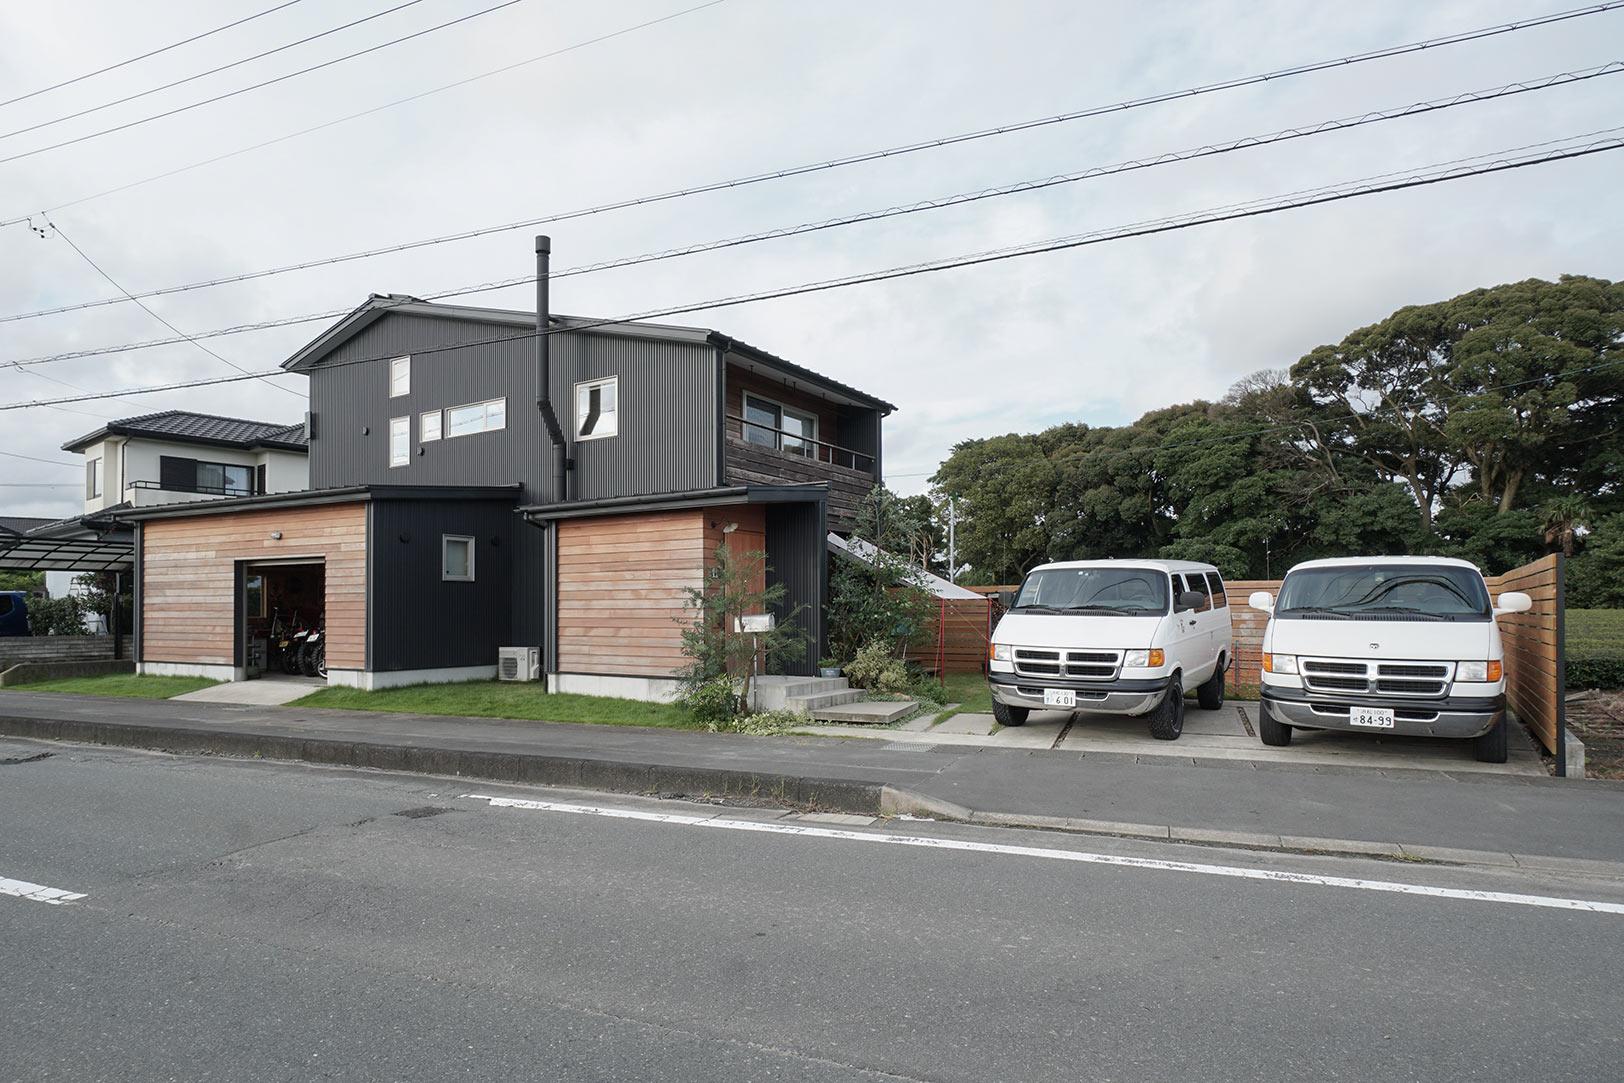 鈴木さんのラムバン(左)とエフ・ベース代表・丸山のラムバン(右)で記念撮影。左の下屋部分がバイクガレージ